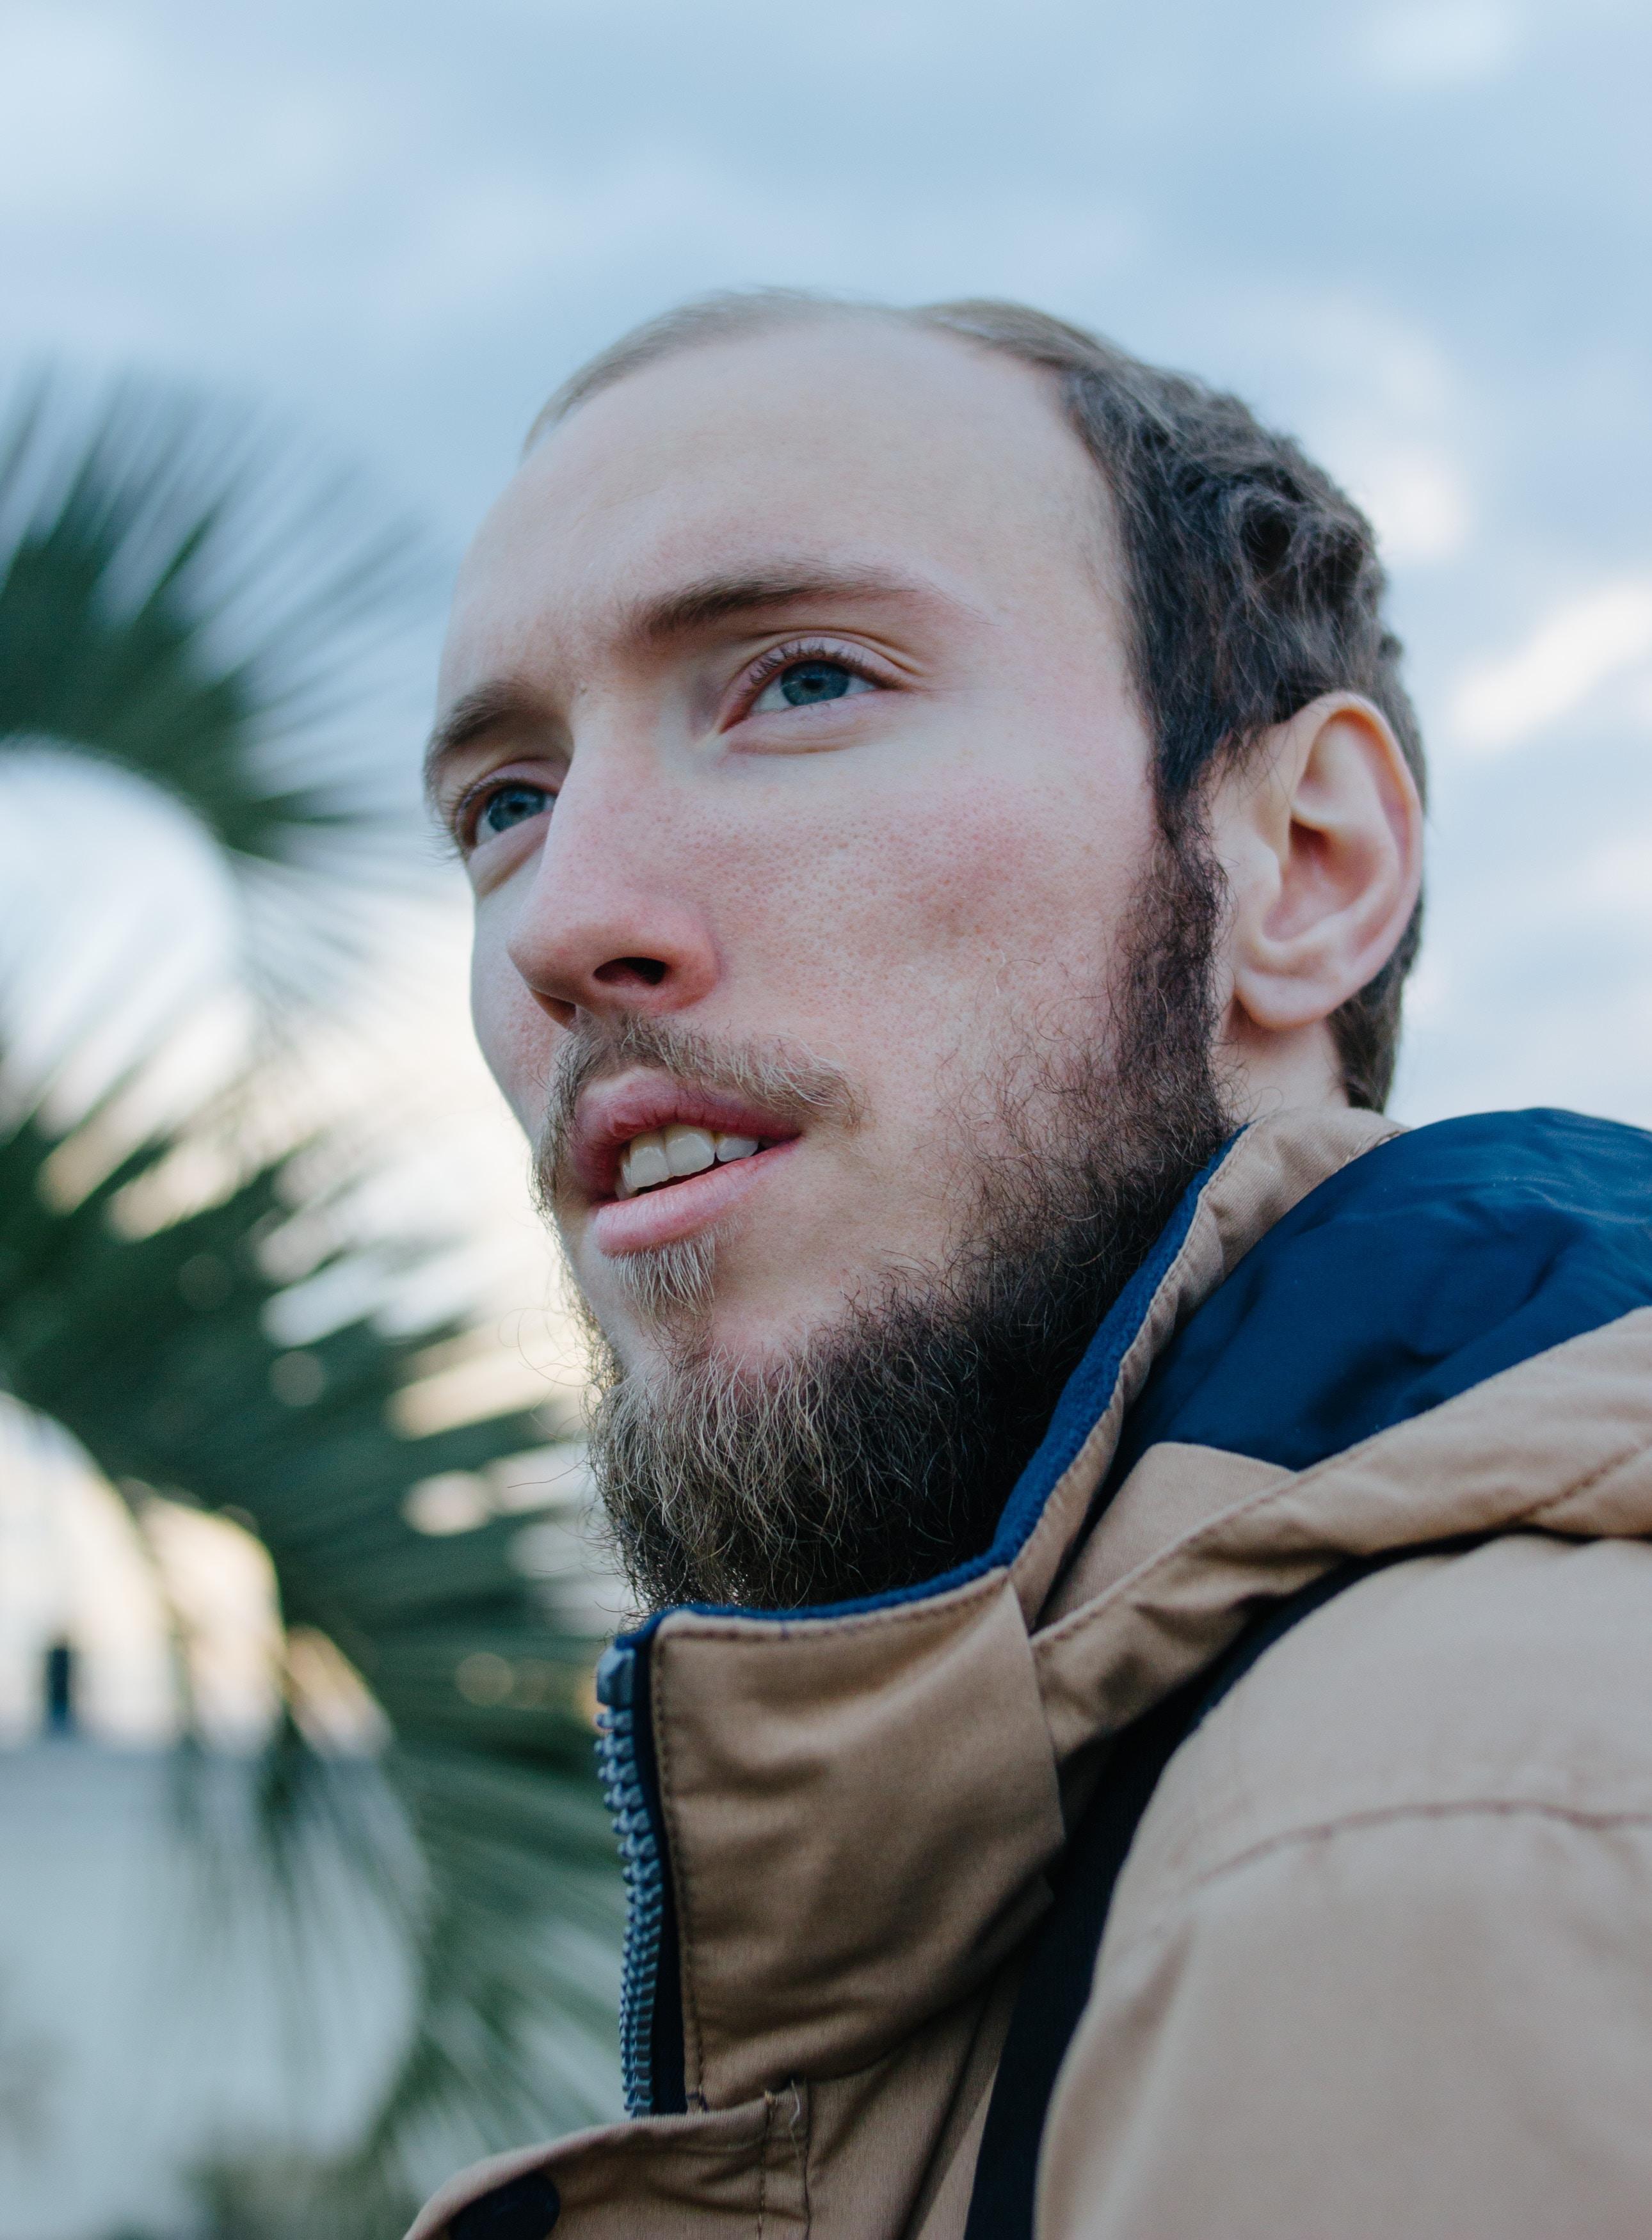 man wearing blue jacket looking in distance